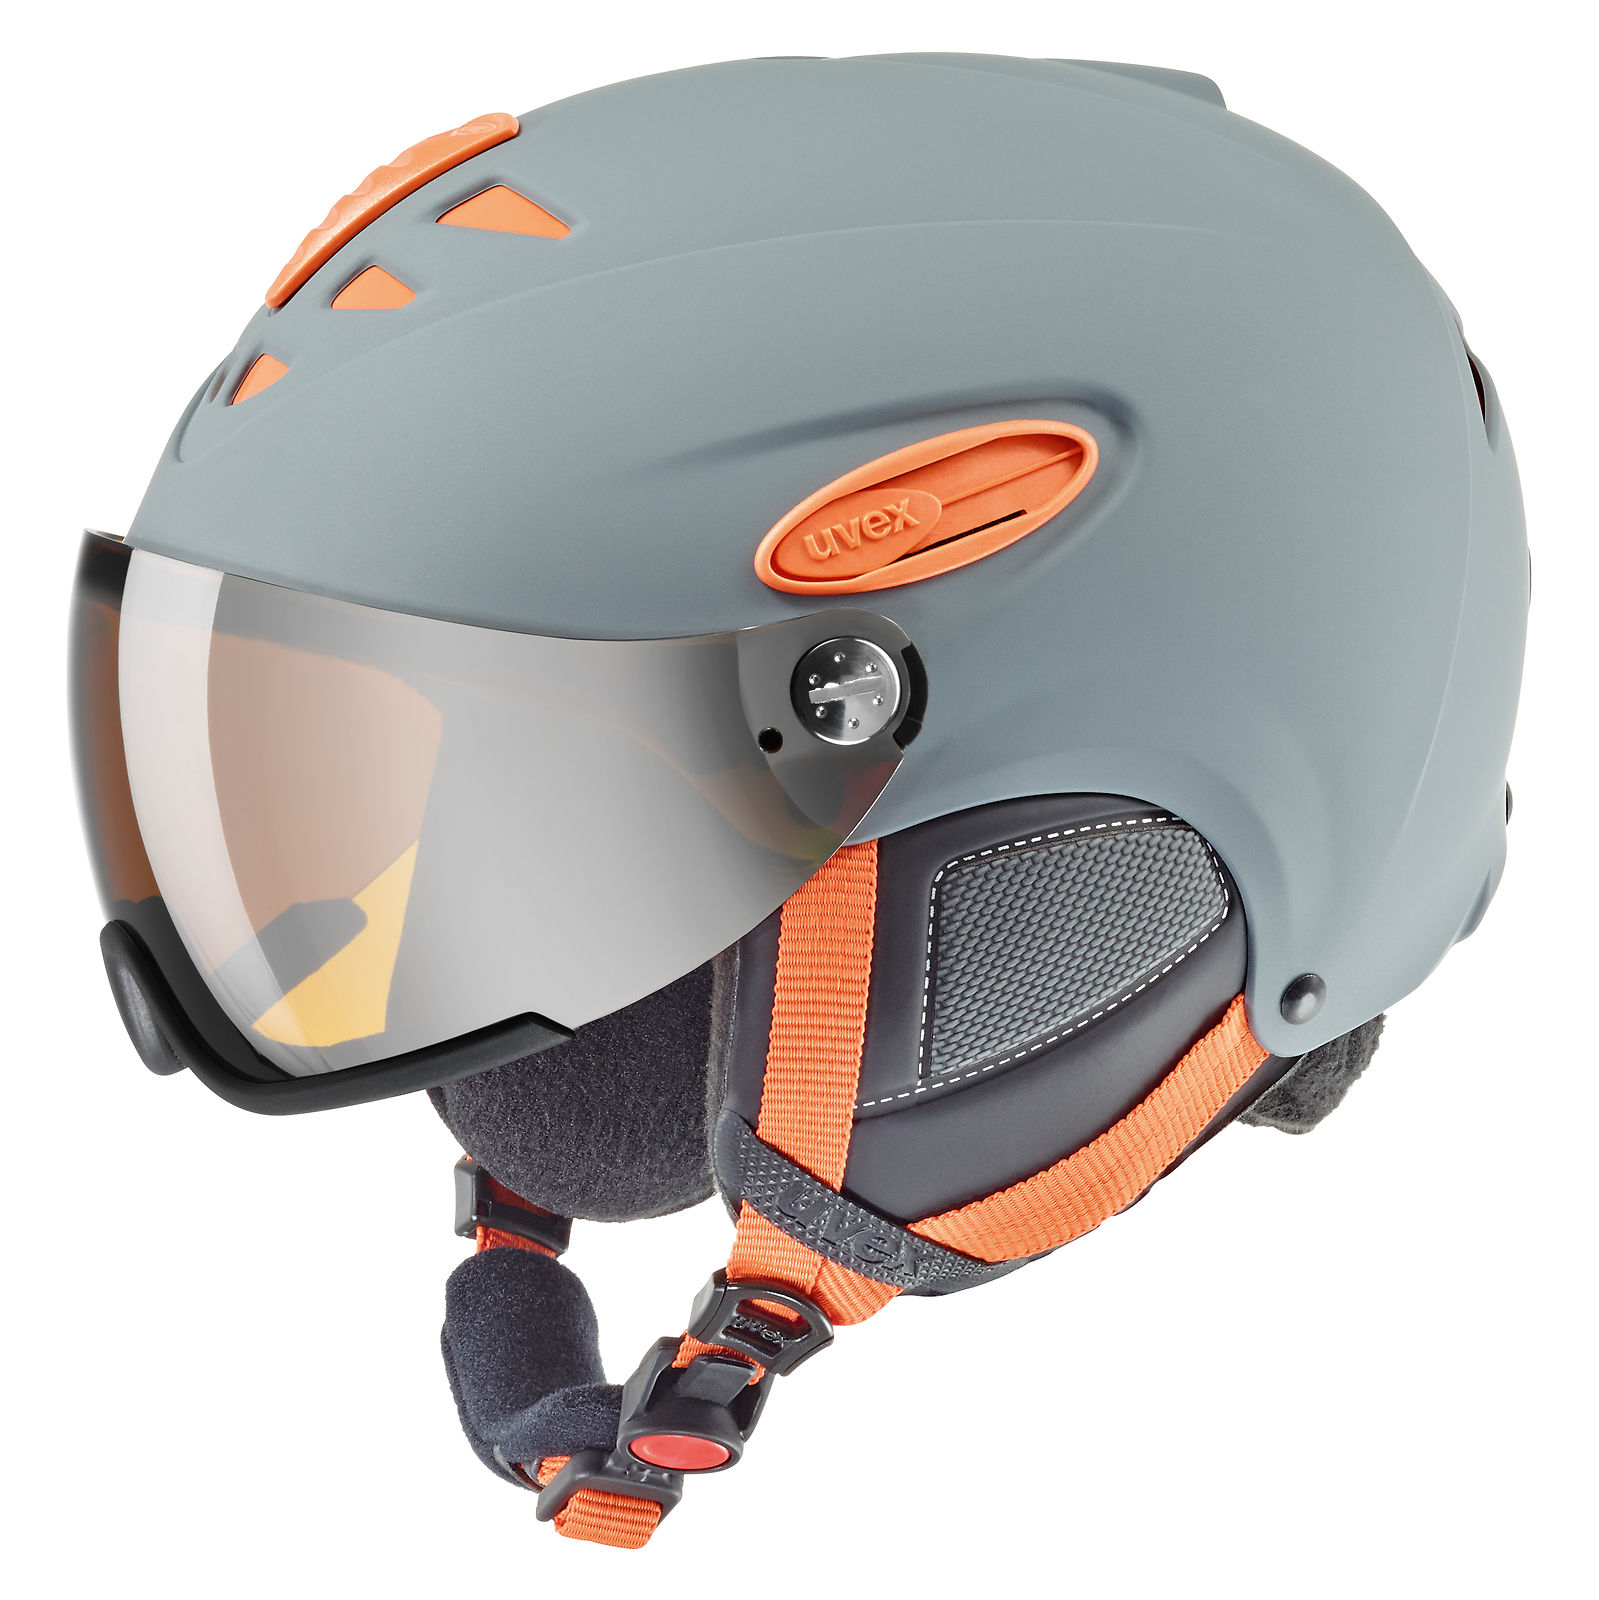 Kask Uvex html 300 visor 566162 S3